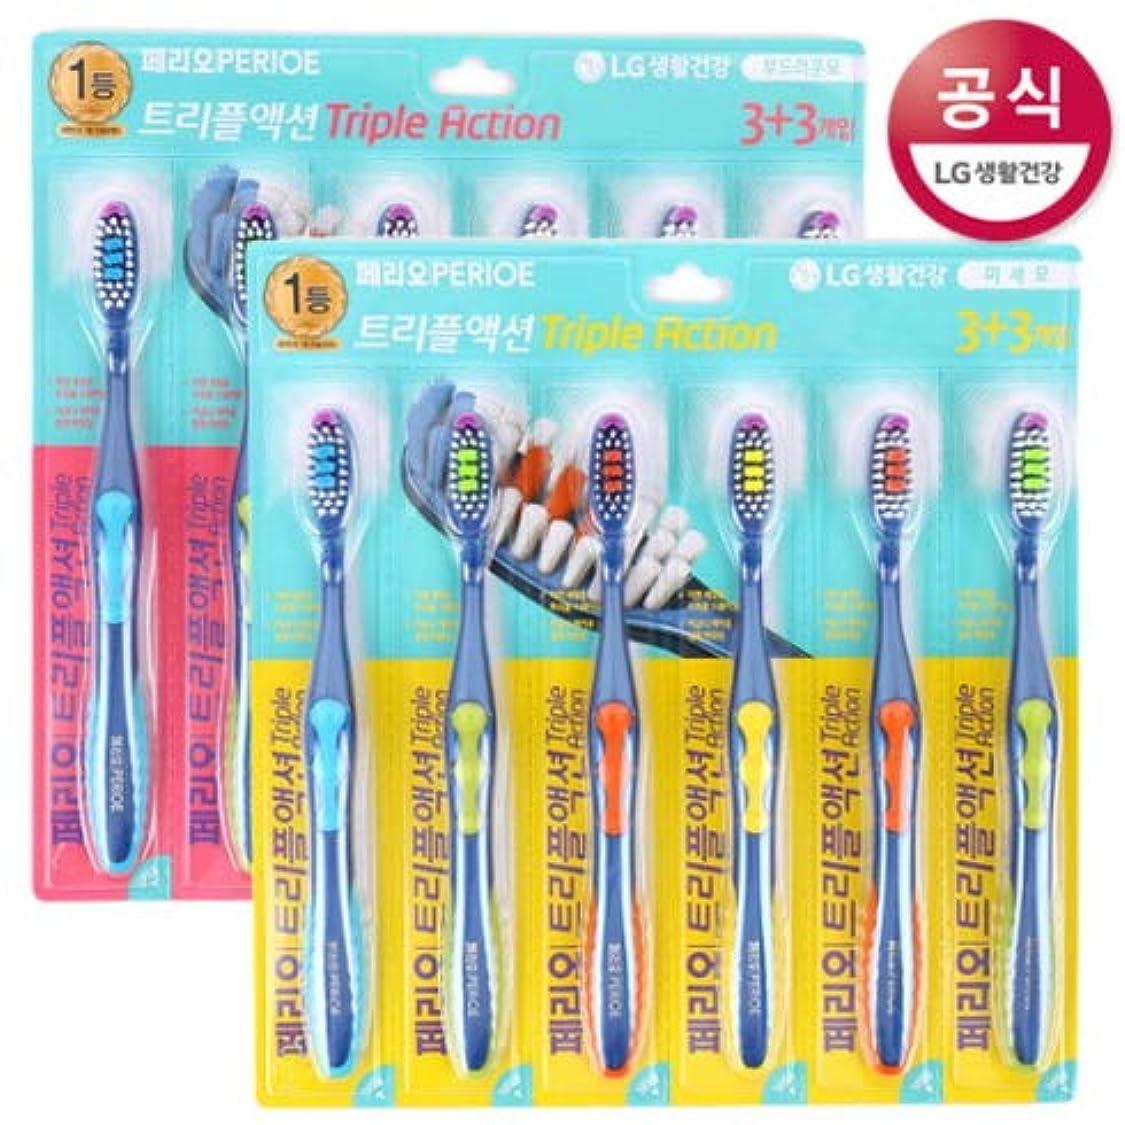 空港元気なすなわち[LG HnB] Perio Triple Action Toothbrush/ペリオトリプルアクション歯ブラシ 6口x2個(海外直送品)